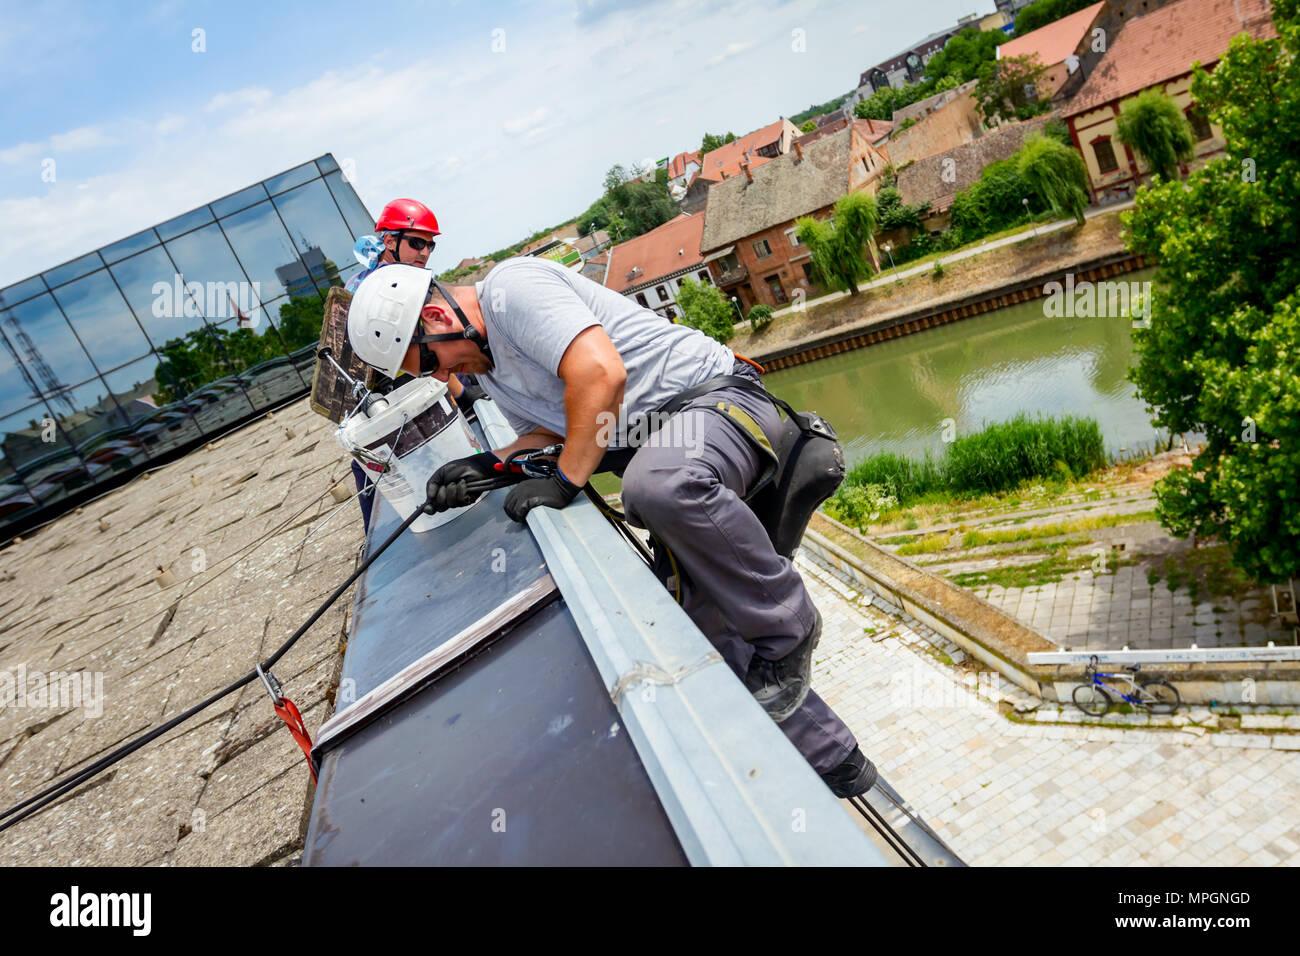 Scalatore industriali, alpinista, si passa sopra il bordo del tetto. Egli è salita verso il basso per il lavaggio di edificio. Immagini Stock